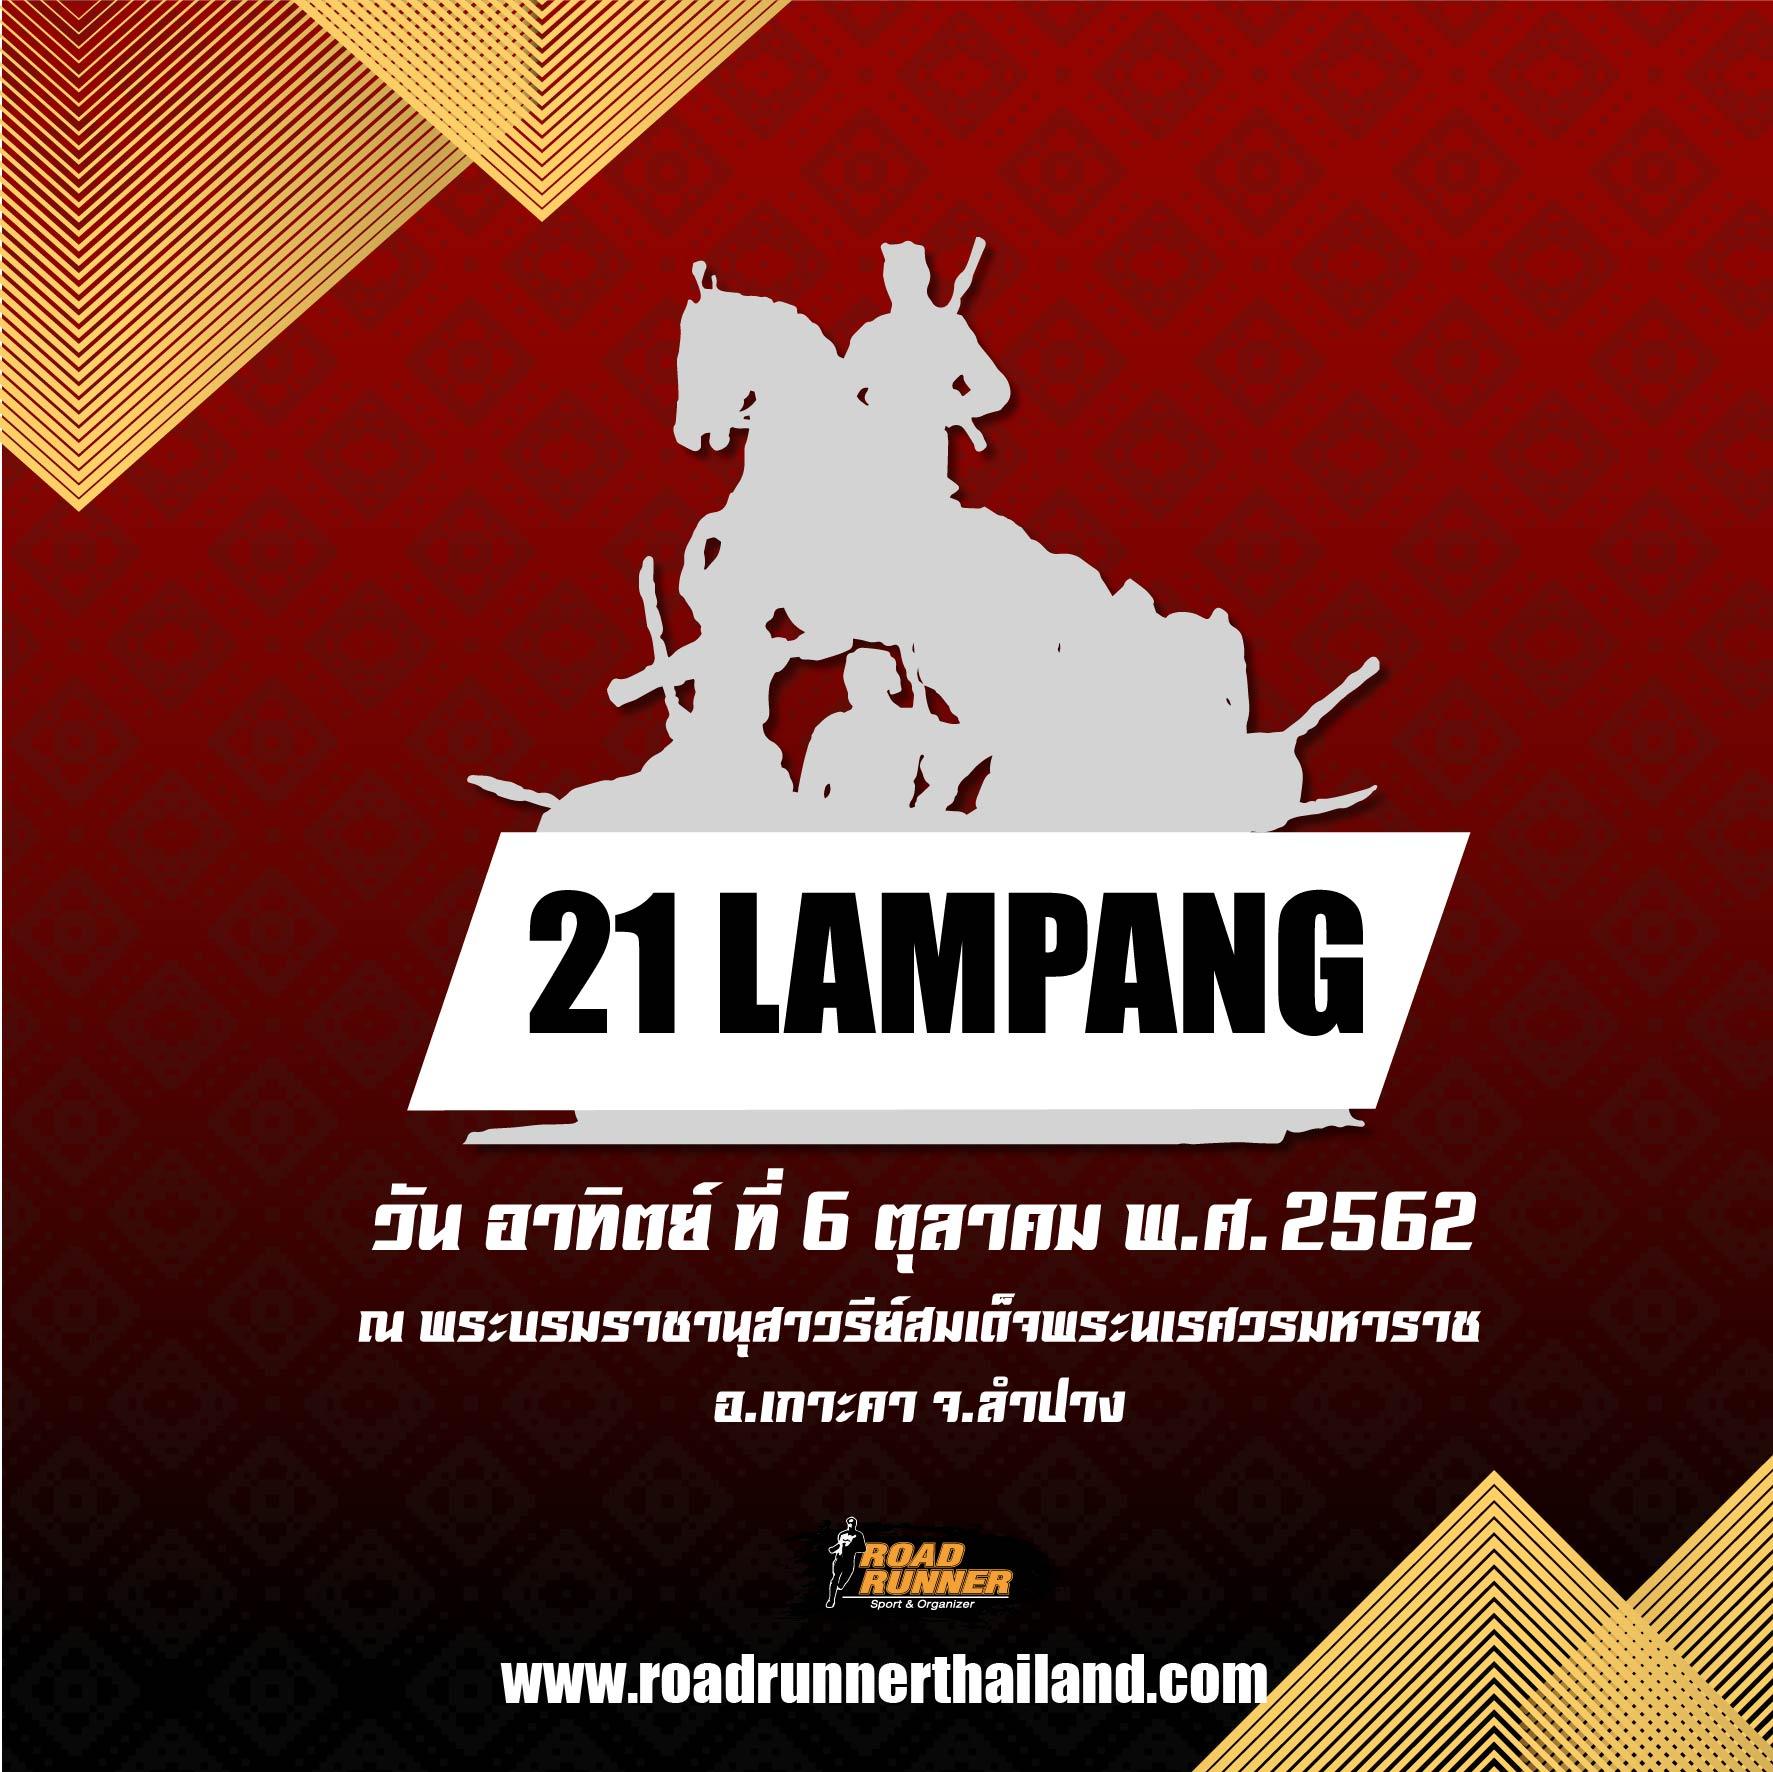 21Lampang